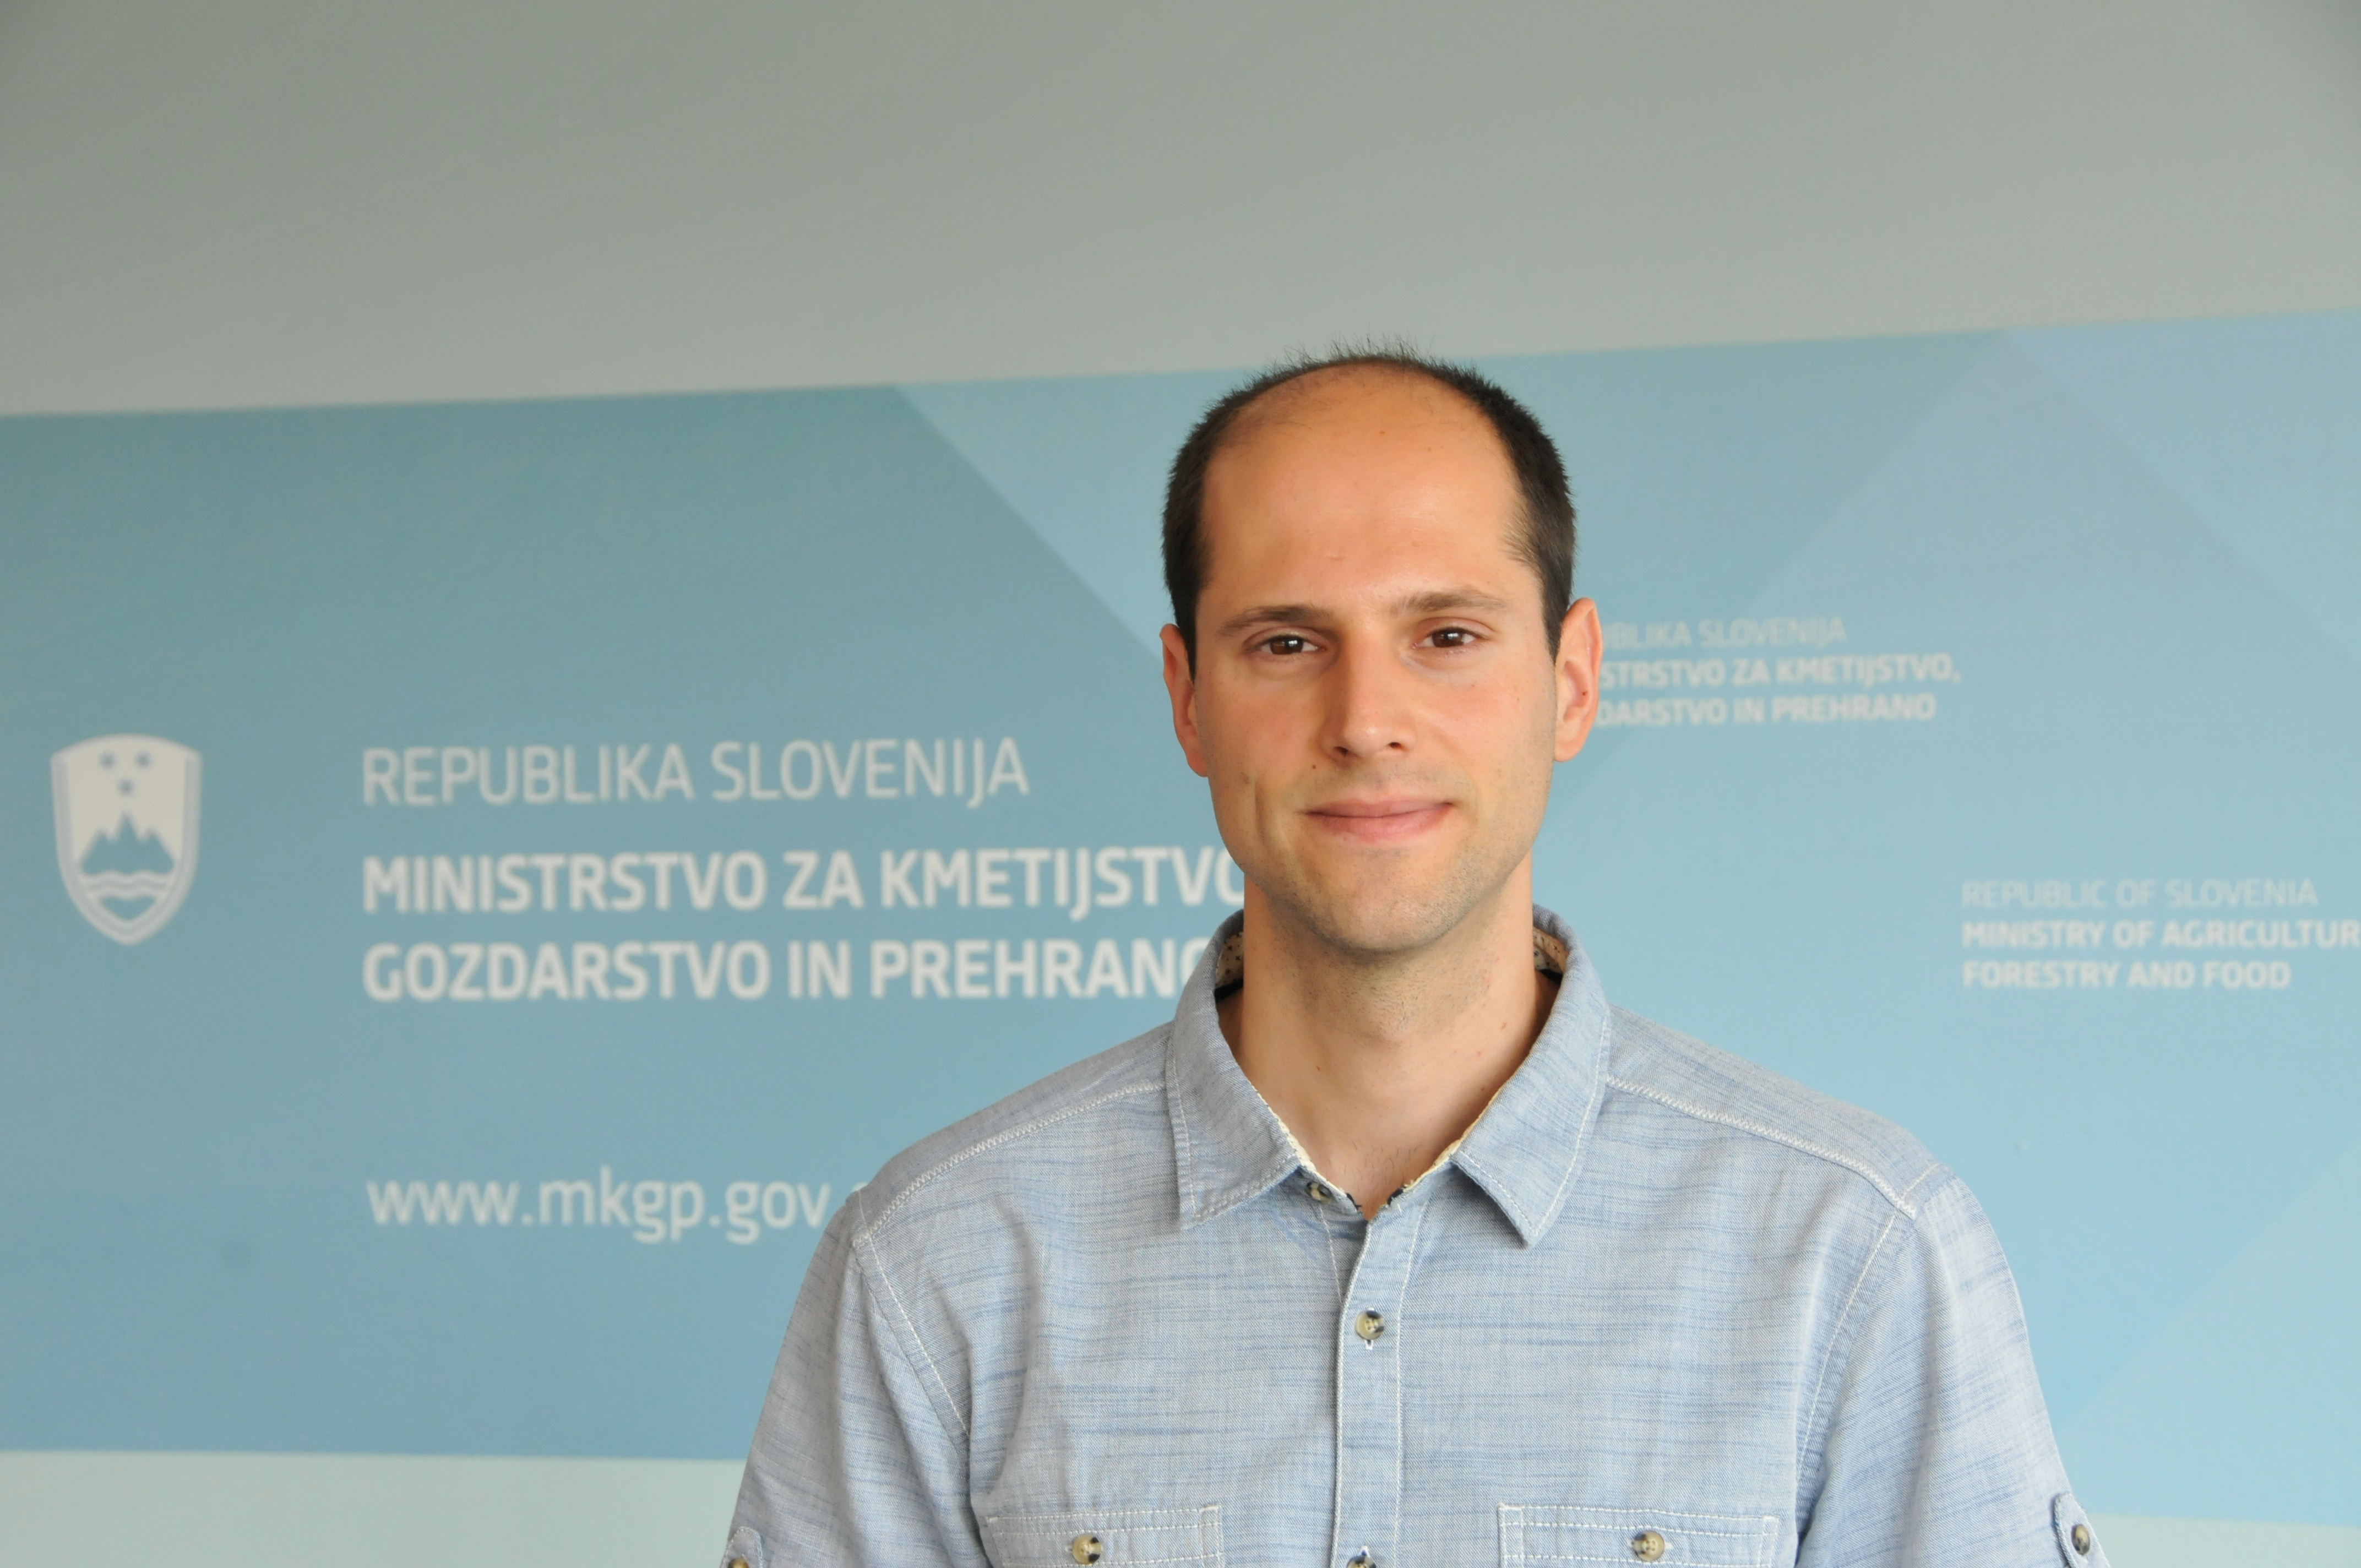 Simon Poljansek